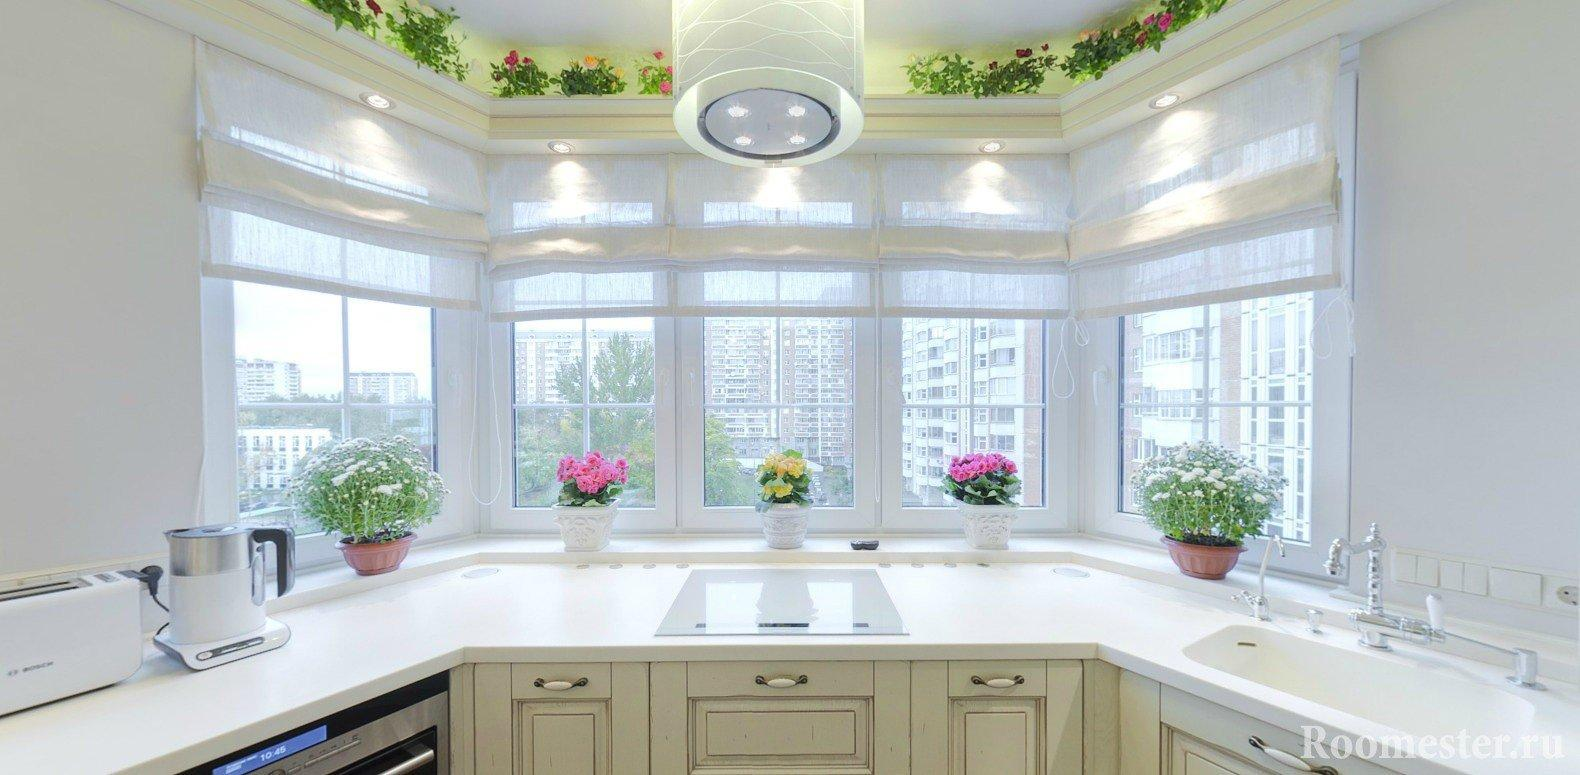 выбор пластиковых окон для кухни